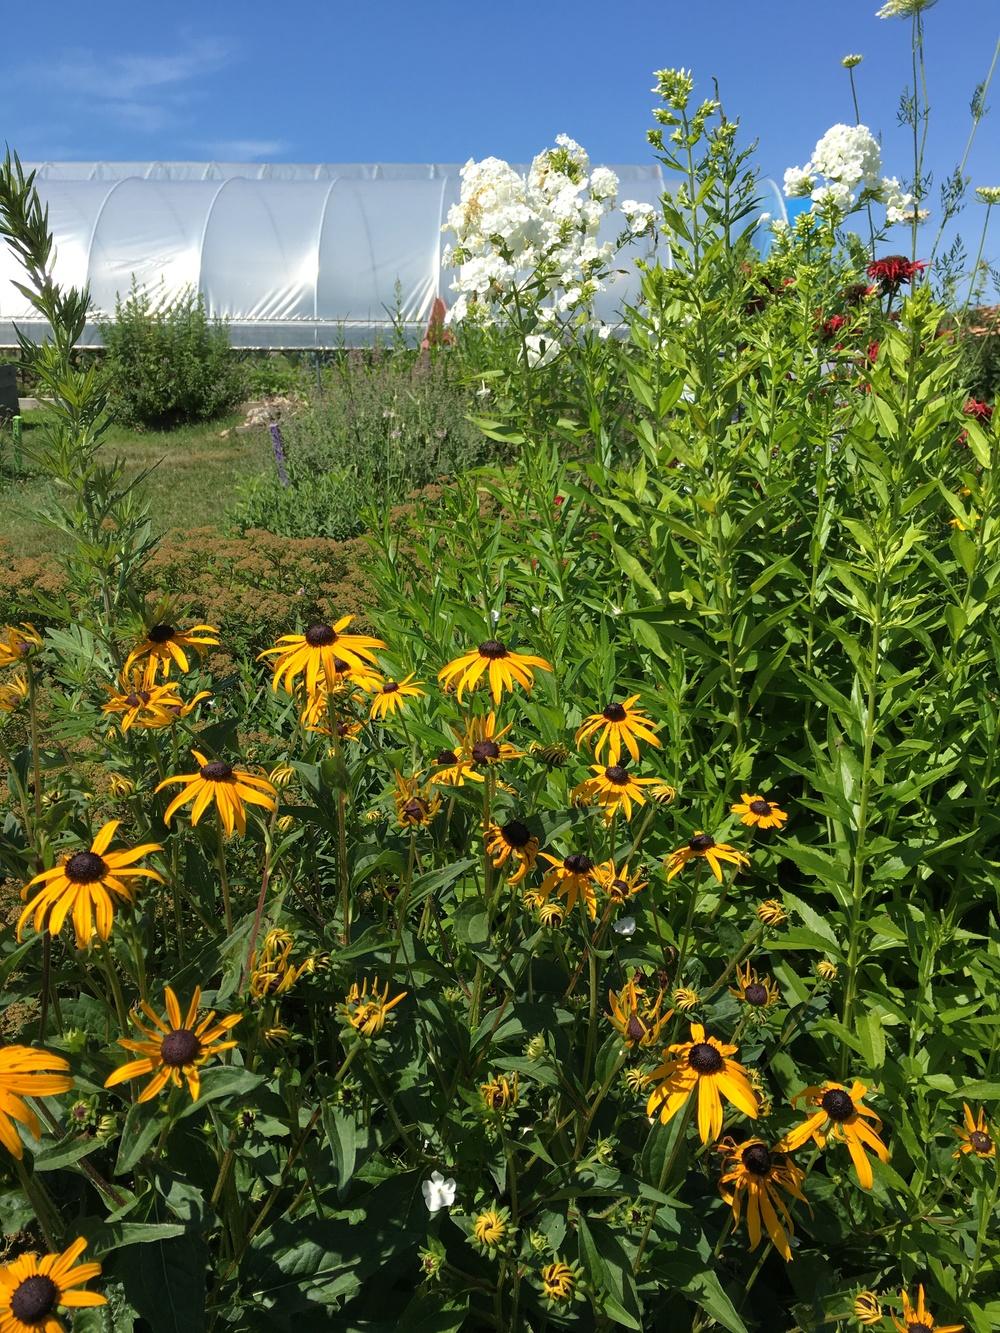 Perennial garden at the farm.